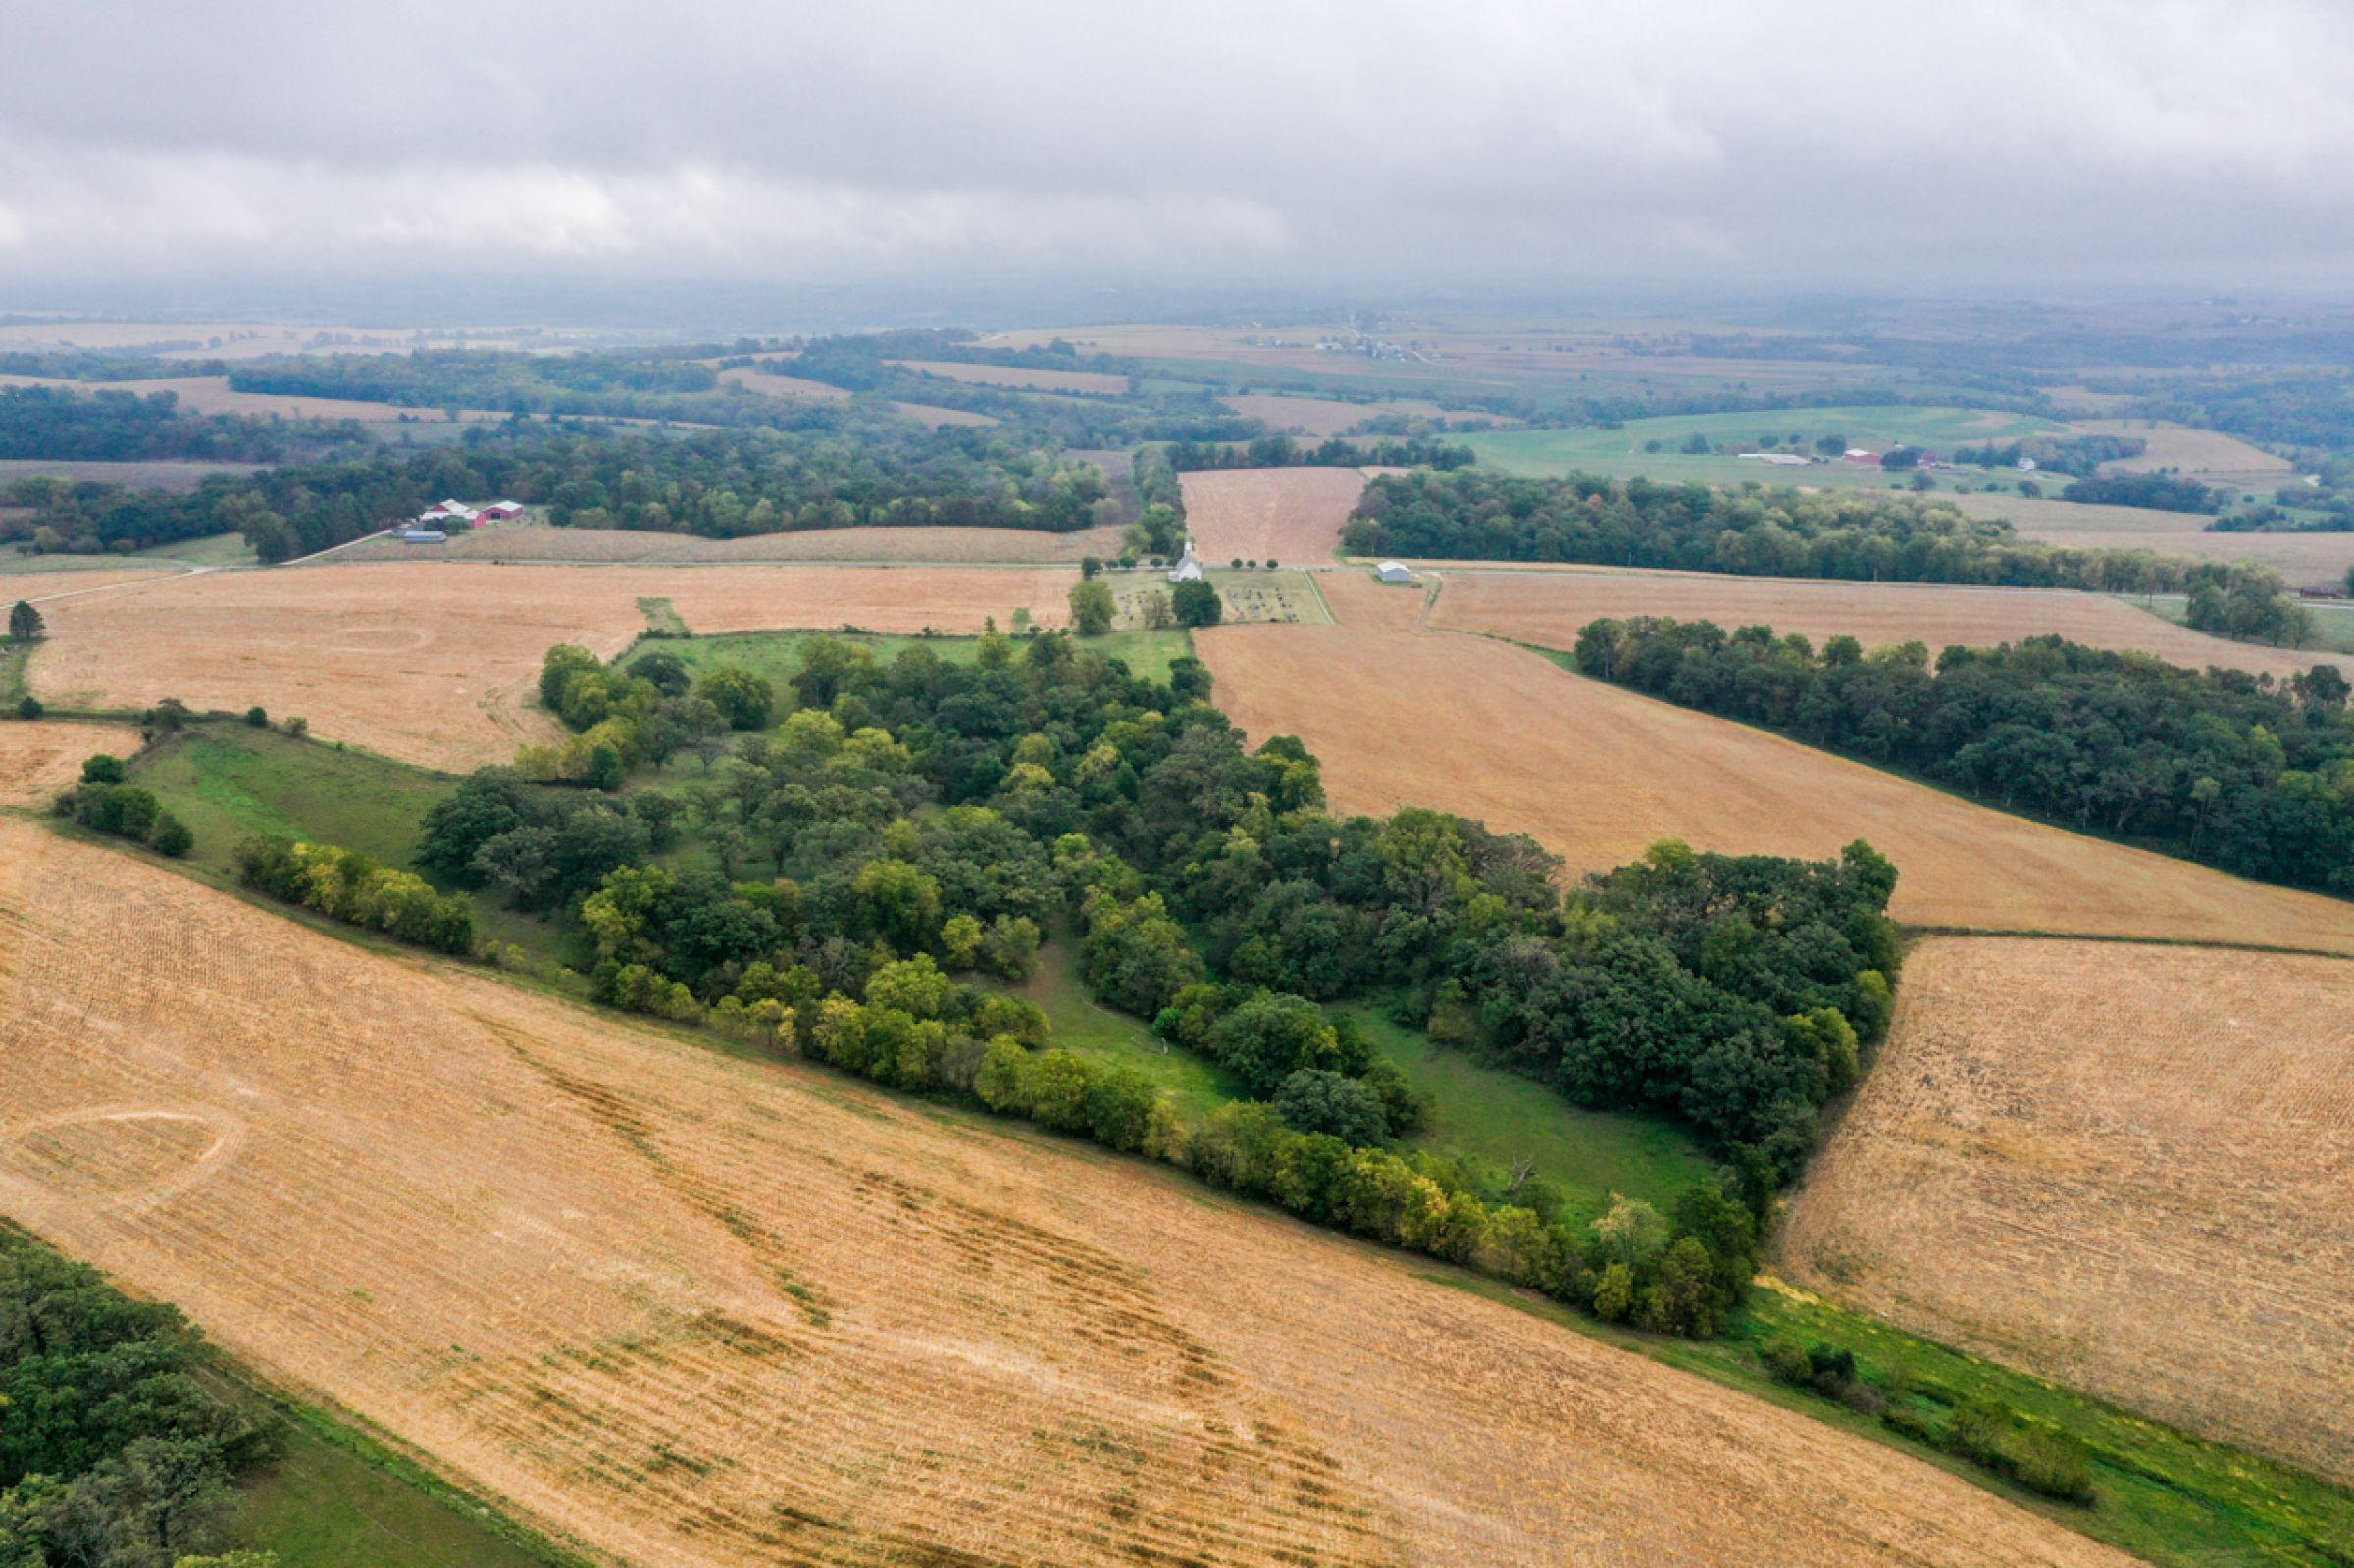 2-apple-grove-church-road-argyle-53504-4-2021-09-21-153558.jpg